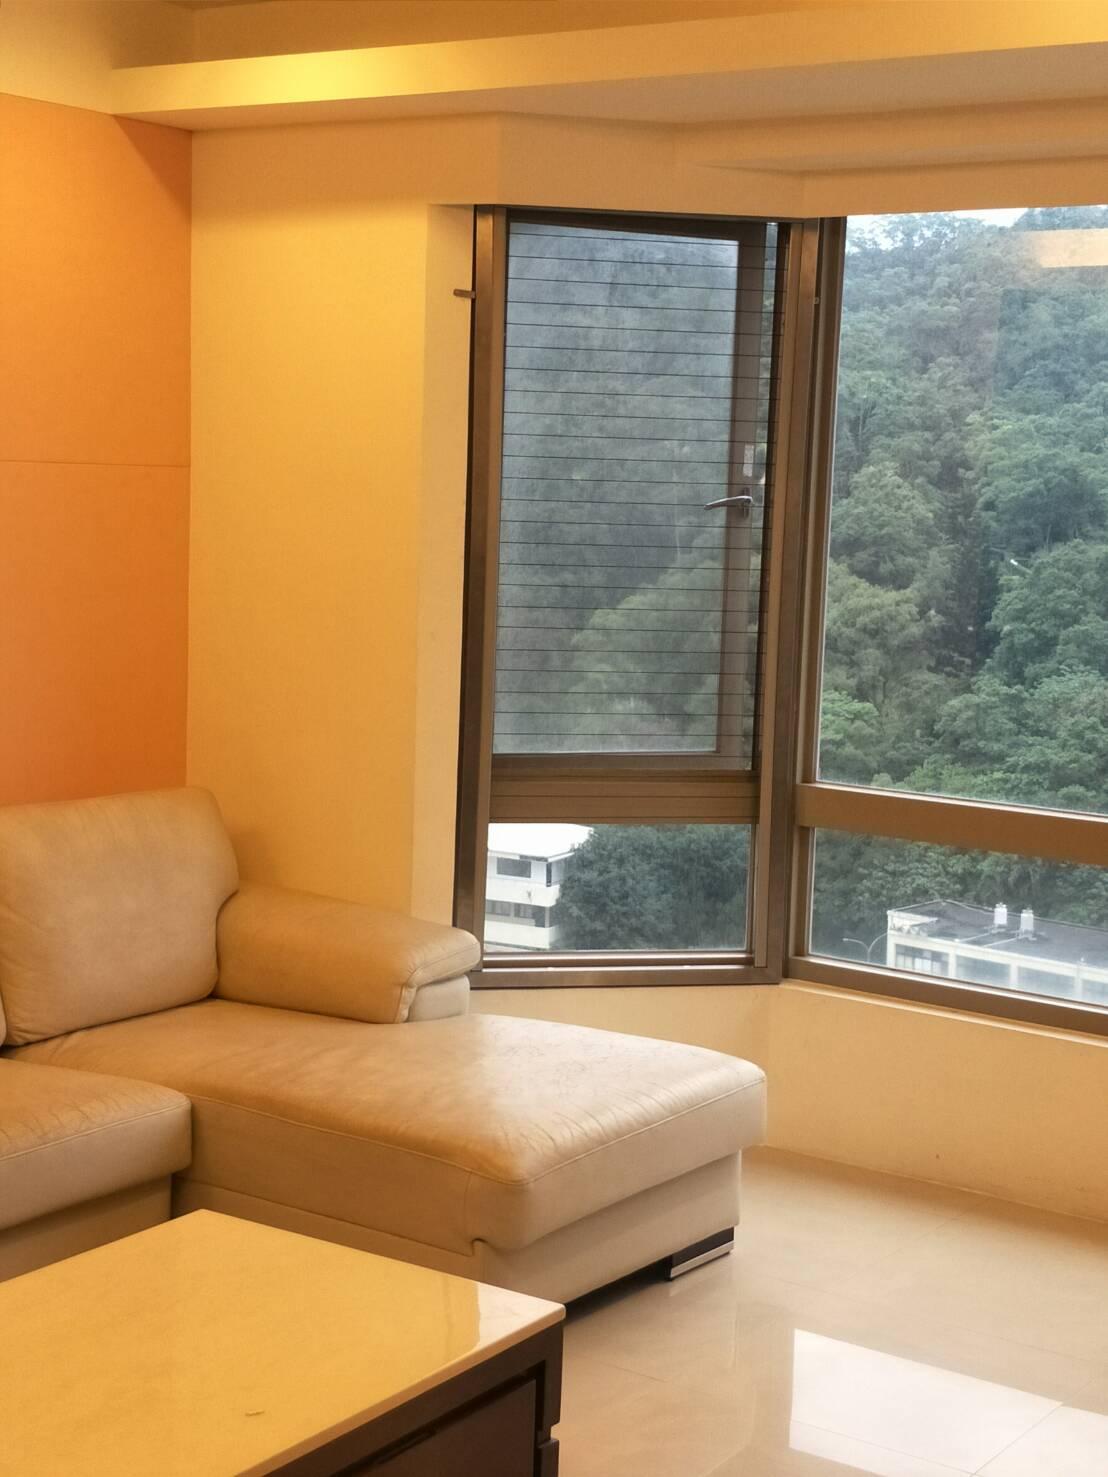 隱形鐵窗是當代最適合公寓大樓裝設的防墜產品